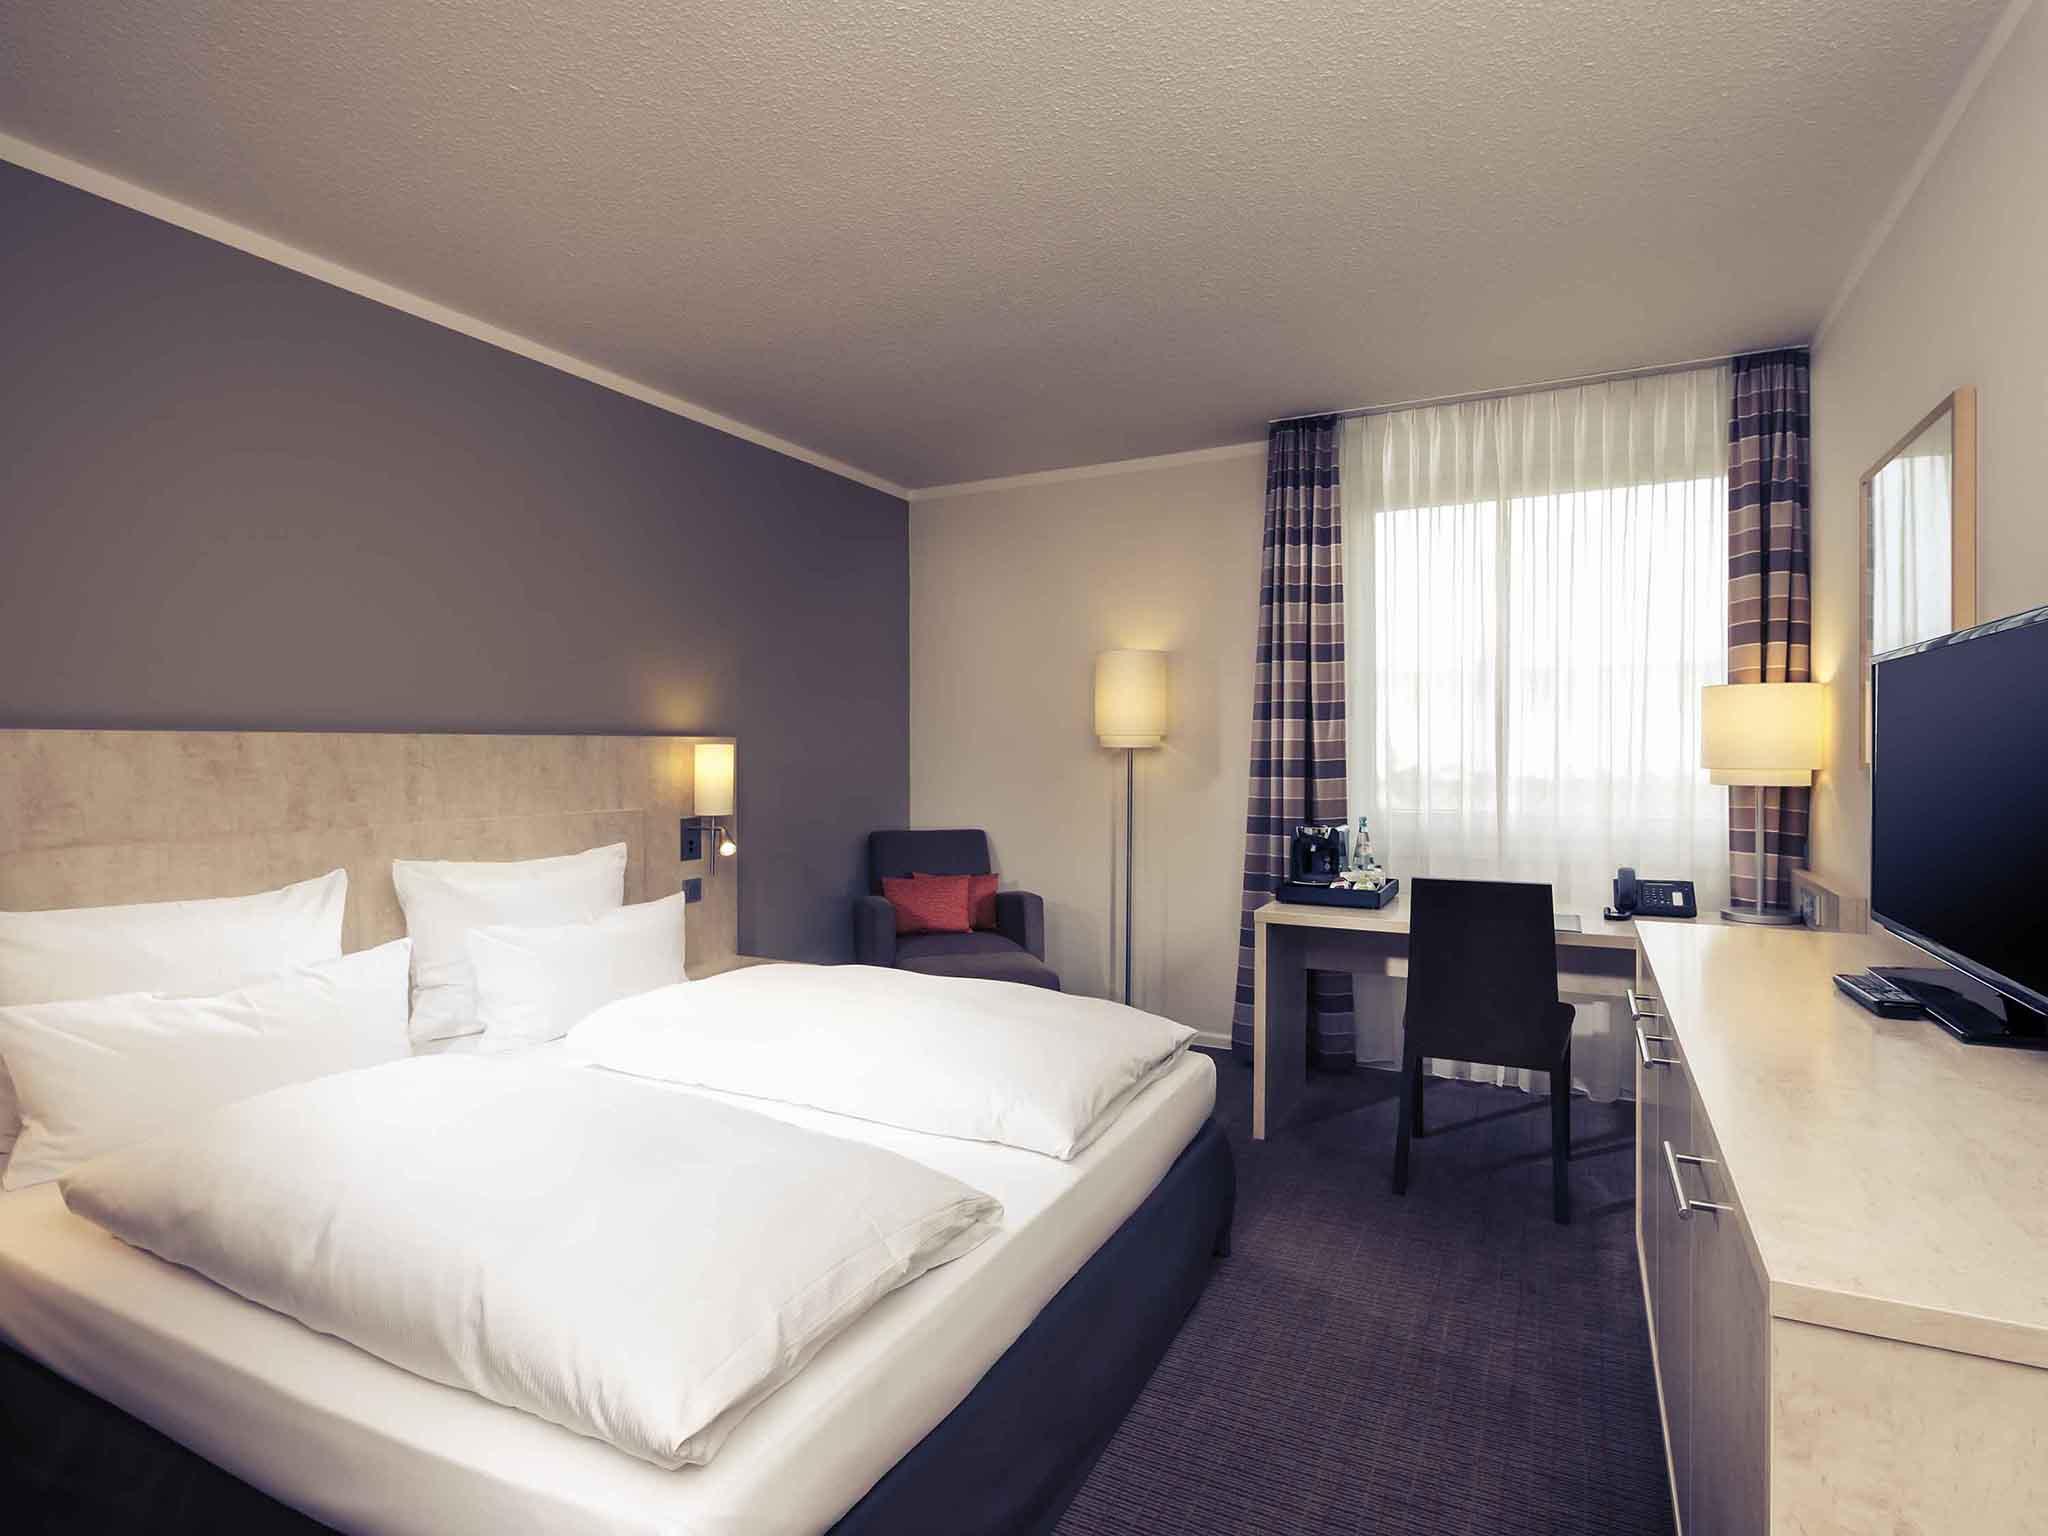 ホテル – メルキュール ホテル デュッセルドルフ ズュート